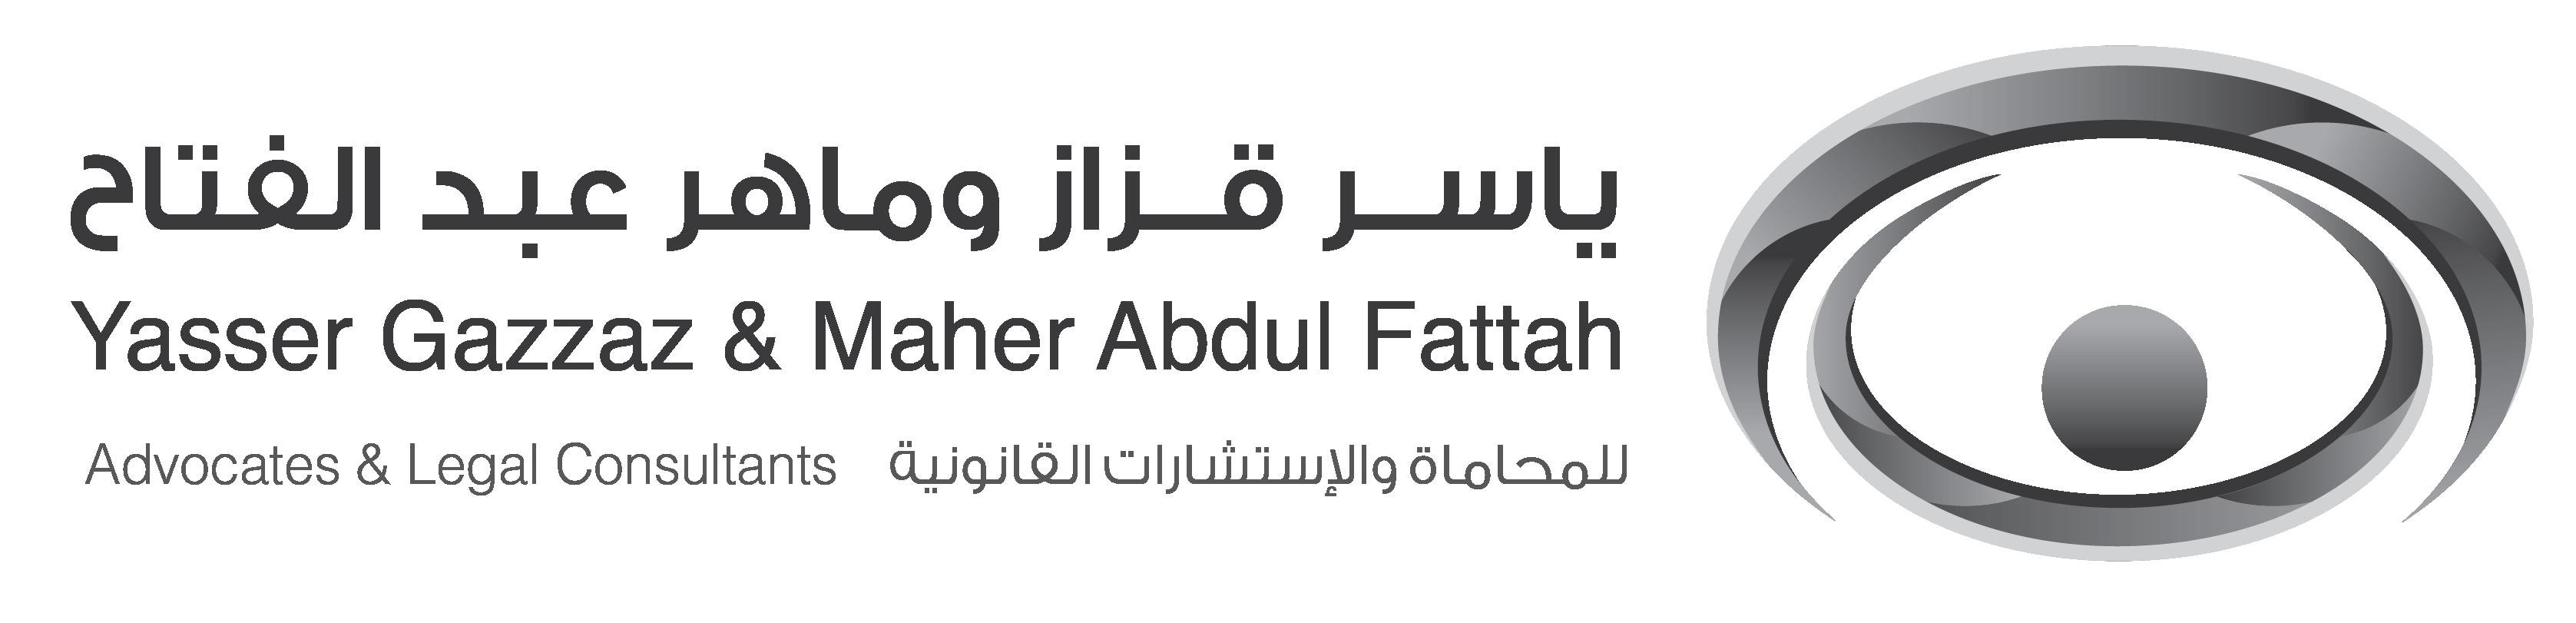 ياسر قزاز وماهر عبدالفتاح